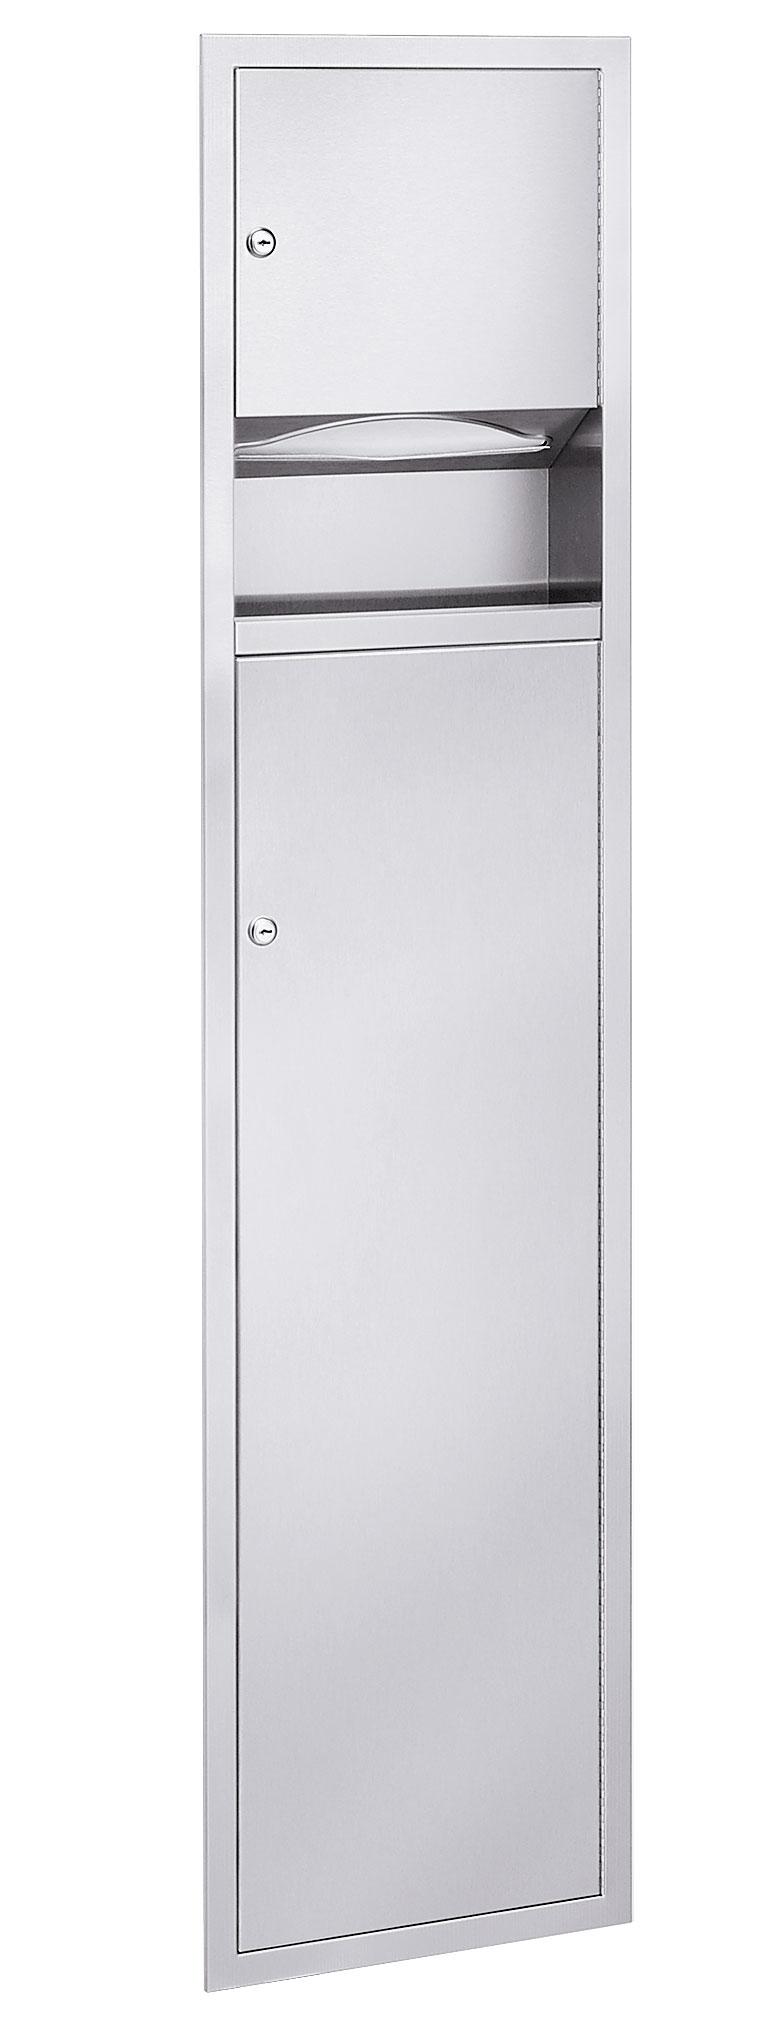 Bradley 2251 Recessed Folded Towel Dispenser & 5.3 gal. Waste Receptacle